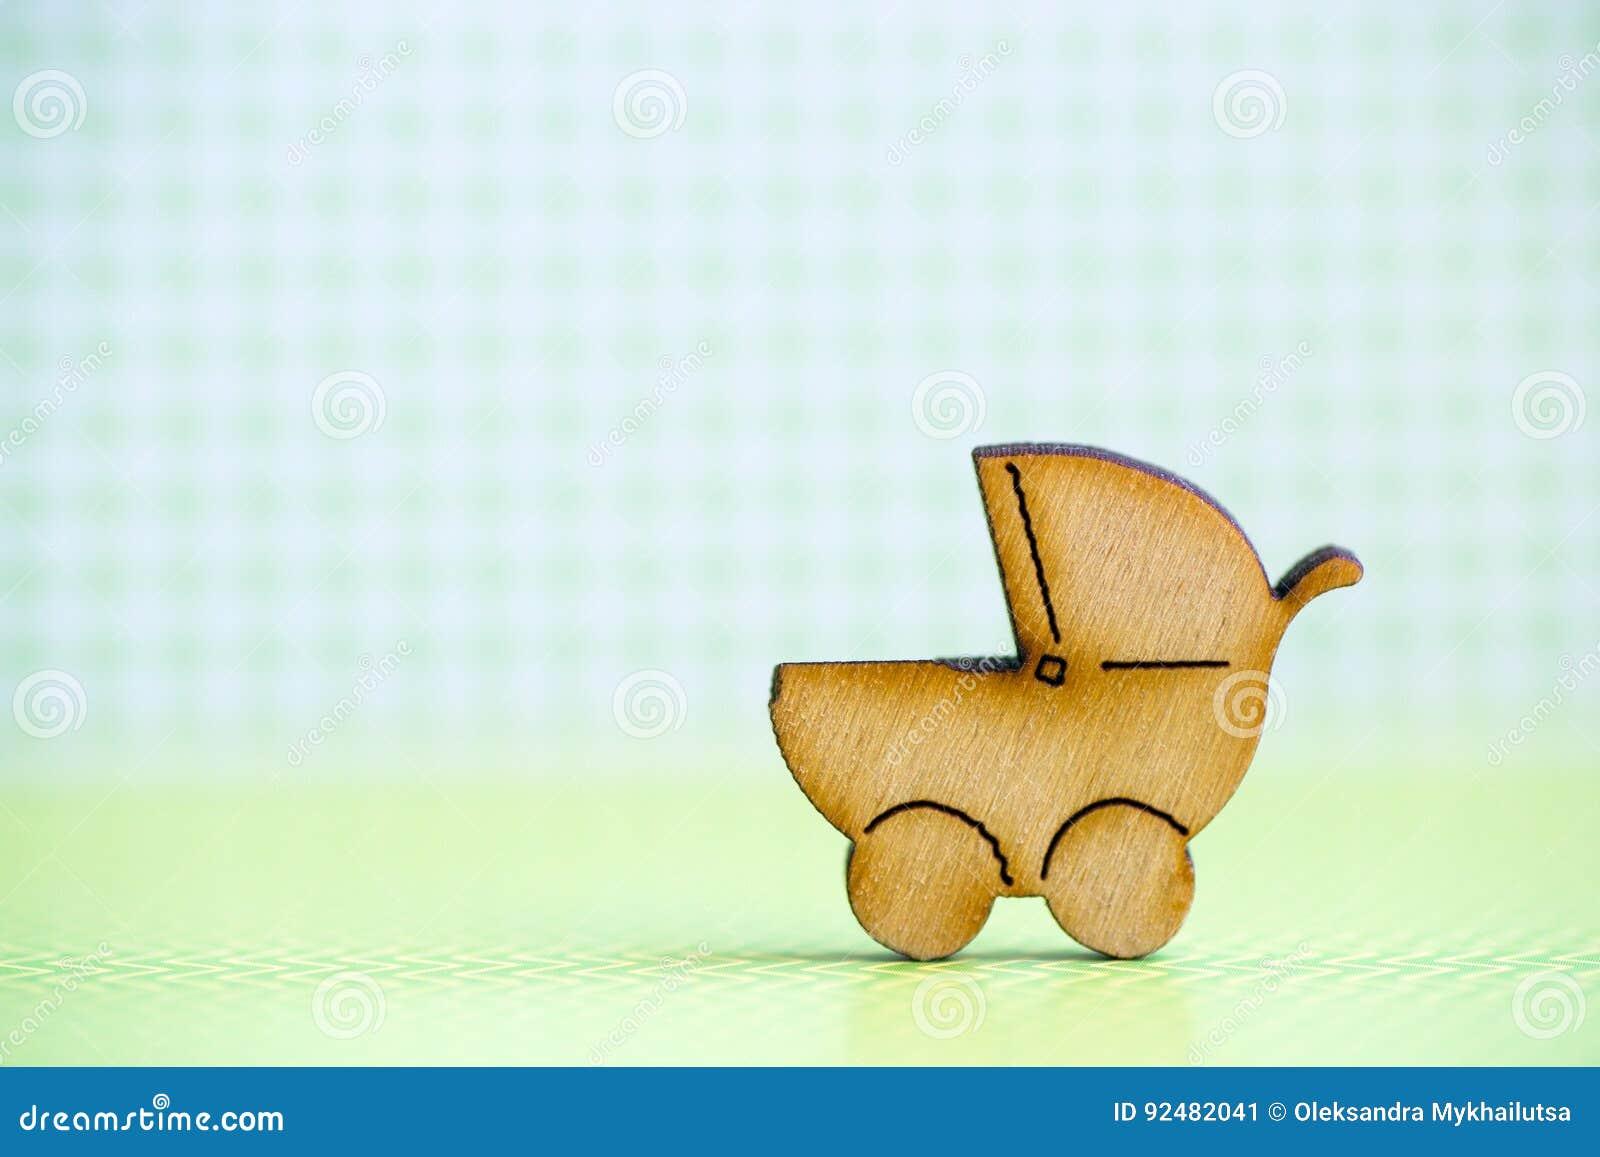 Drewniana ikona dziecko powozik na zielonym w kratkę tle